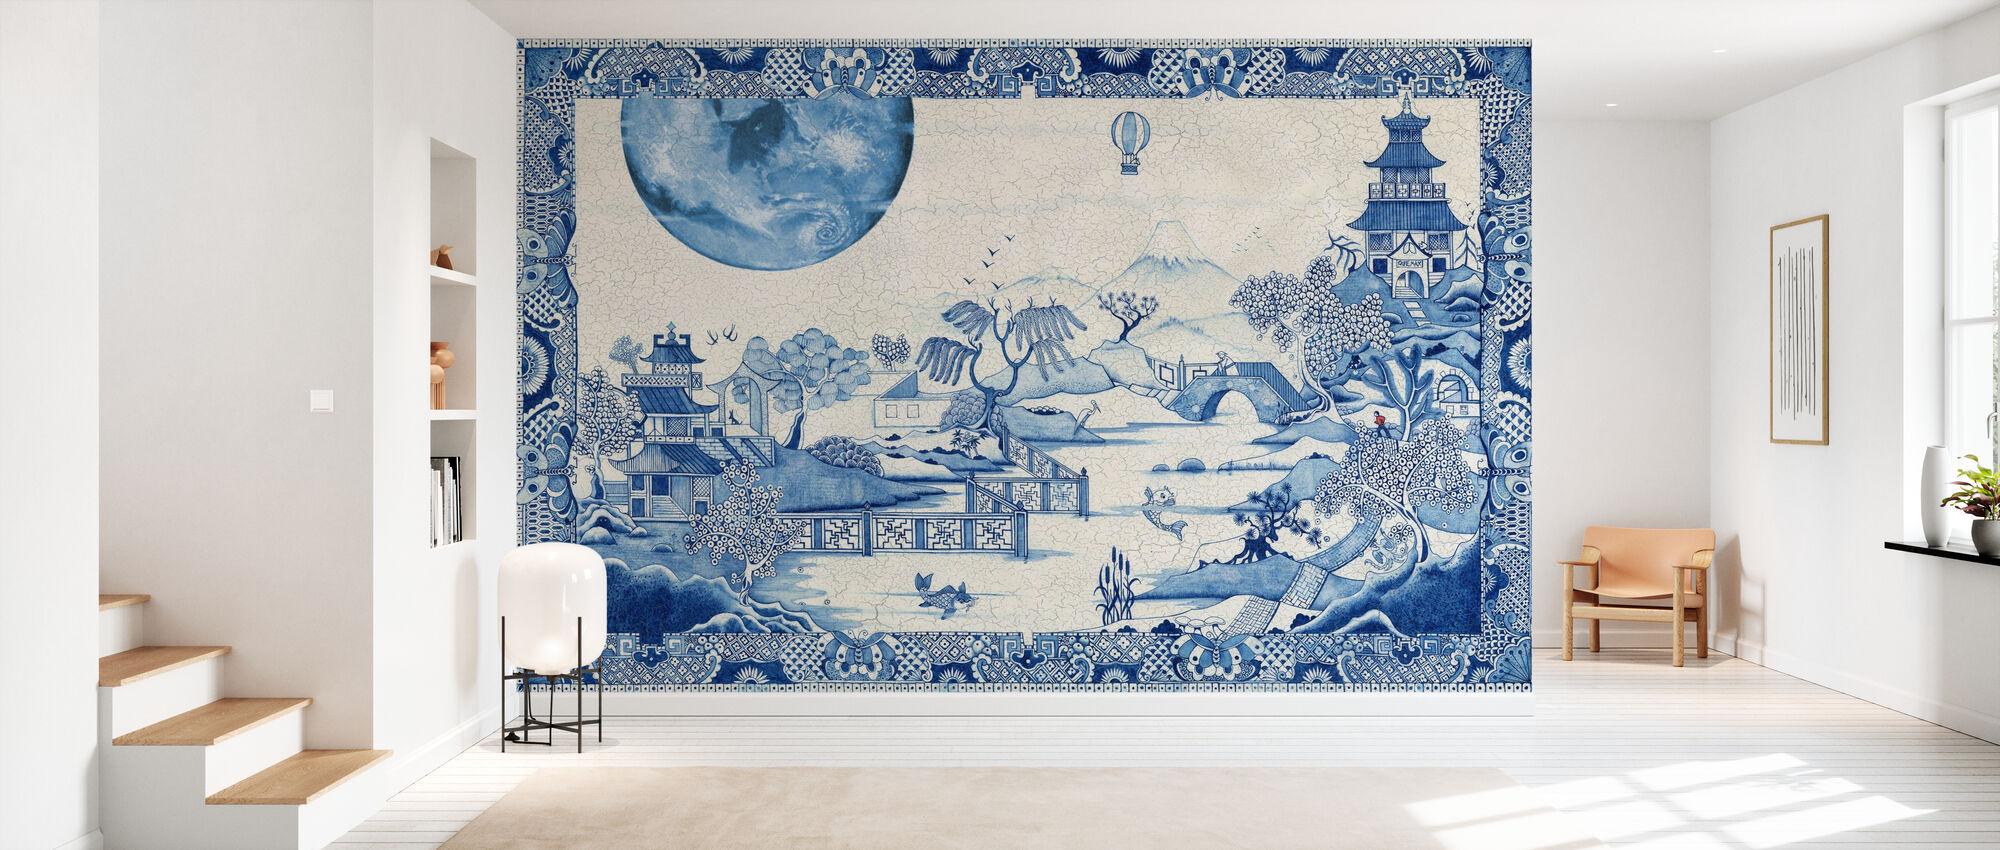 Blue Moon Crazed - Wallpaper - Hallway